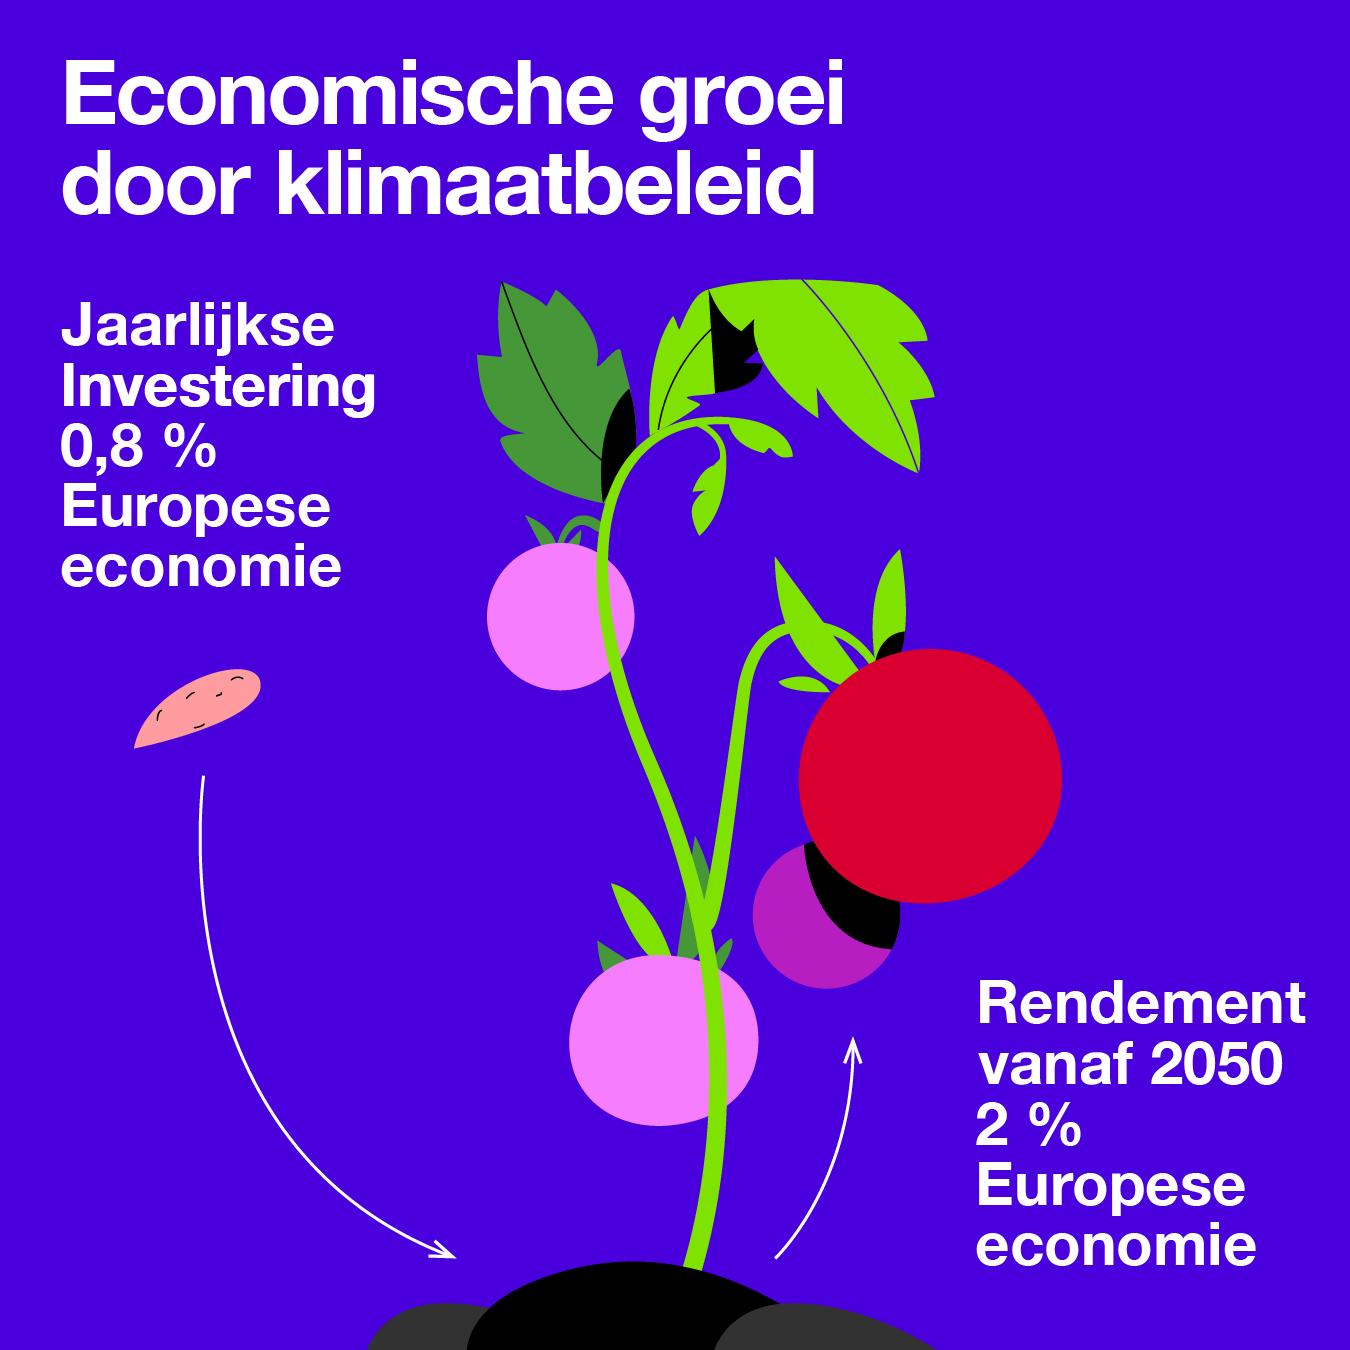 Economische groei door klimaatbeleid